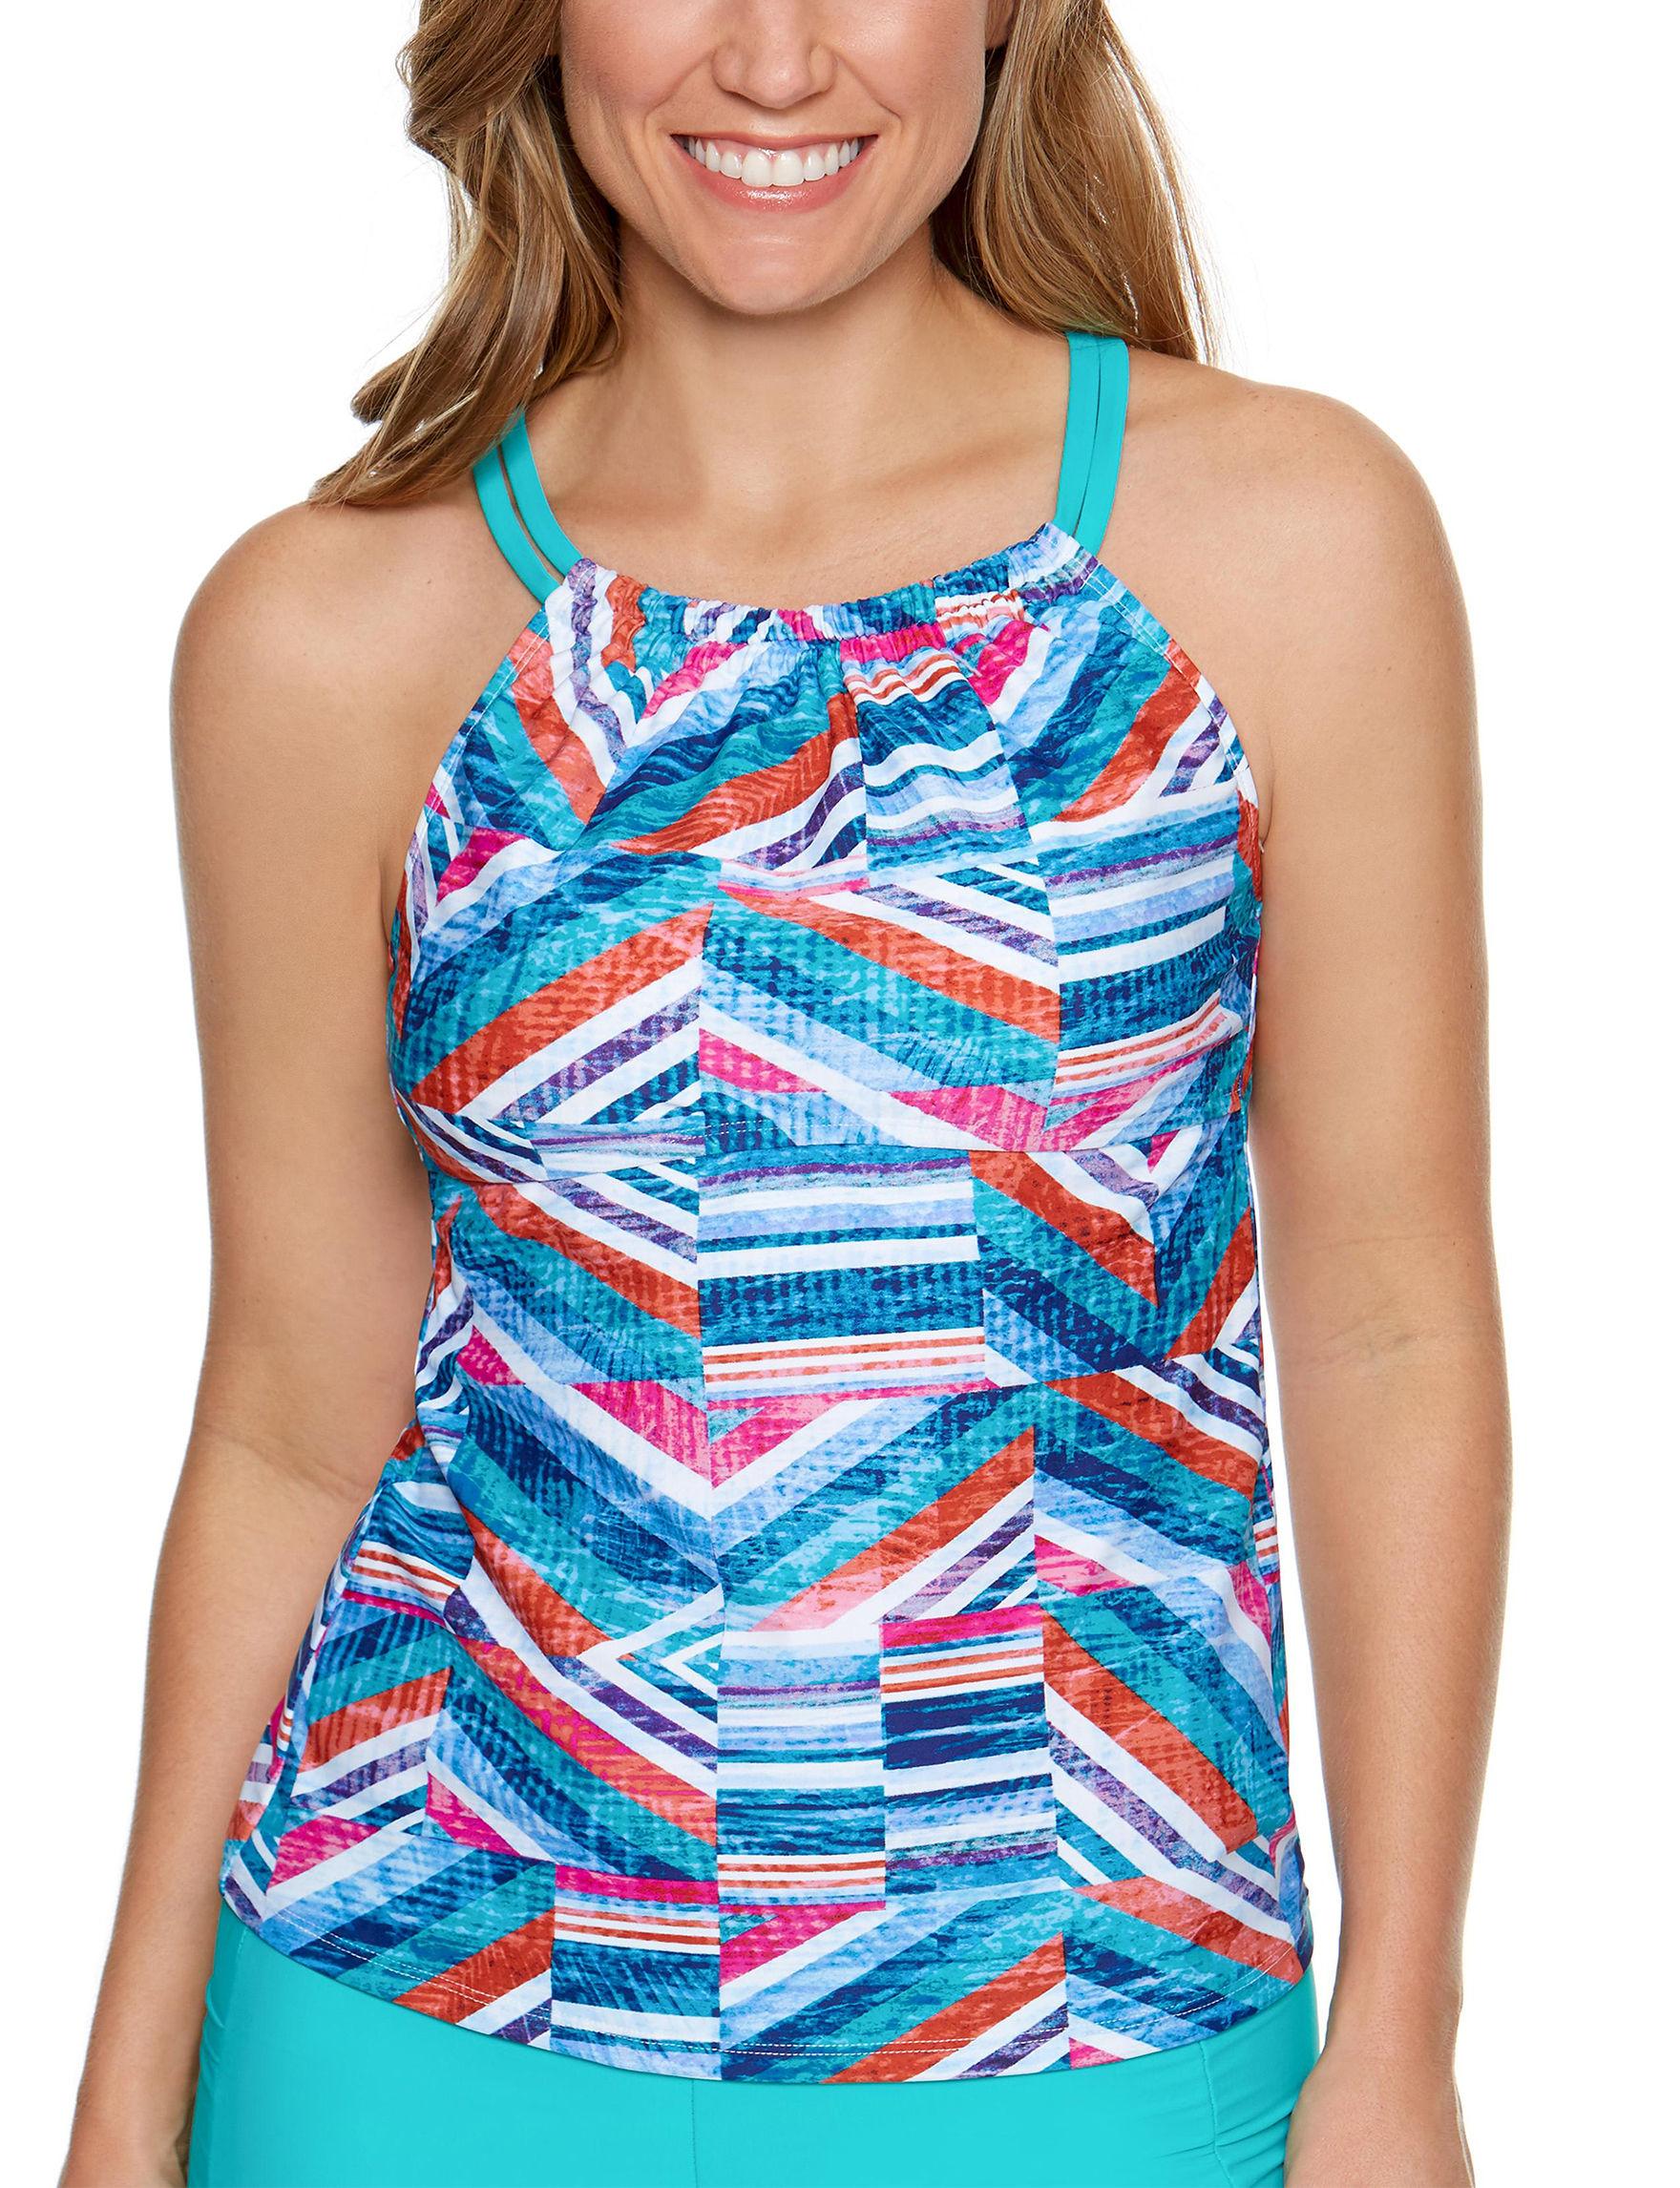 Splashletics Teal Blue Swimsuit Tops Tankini